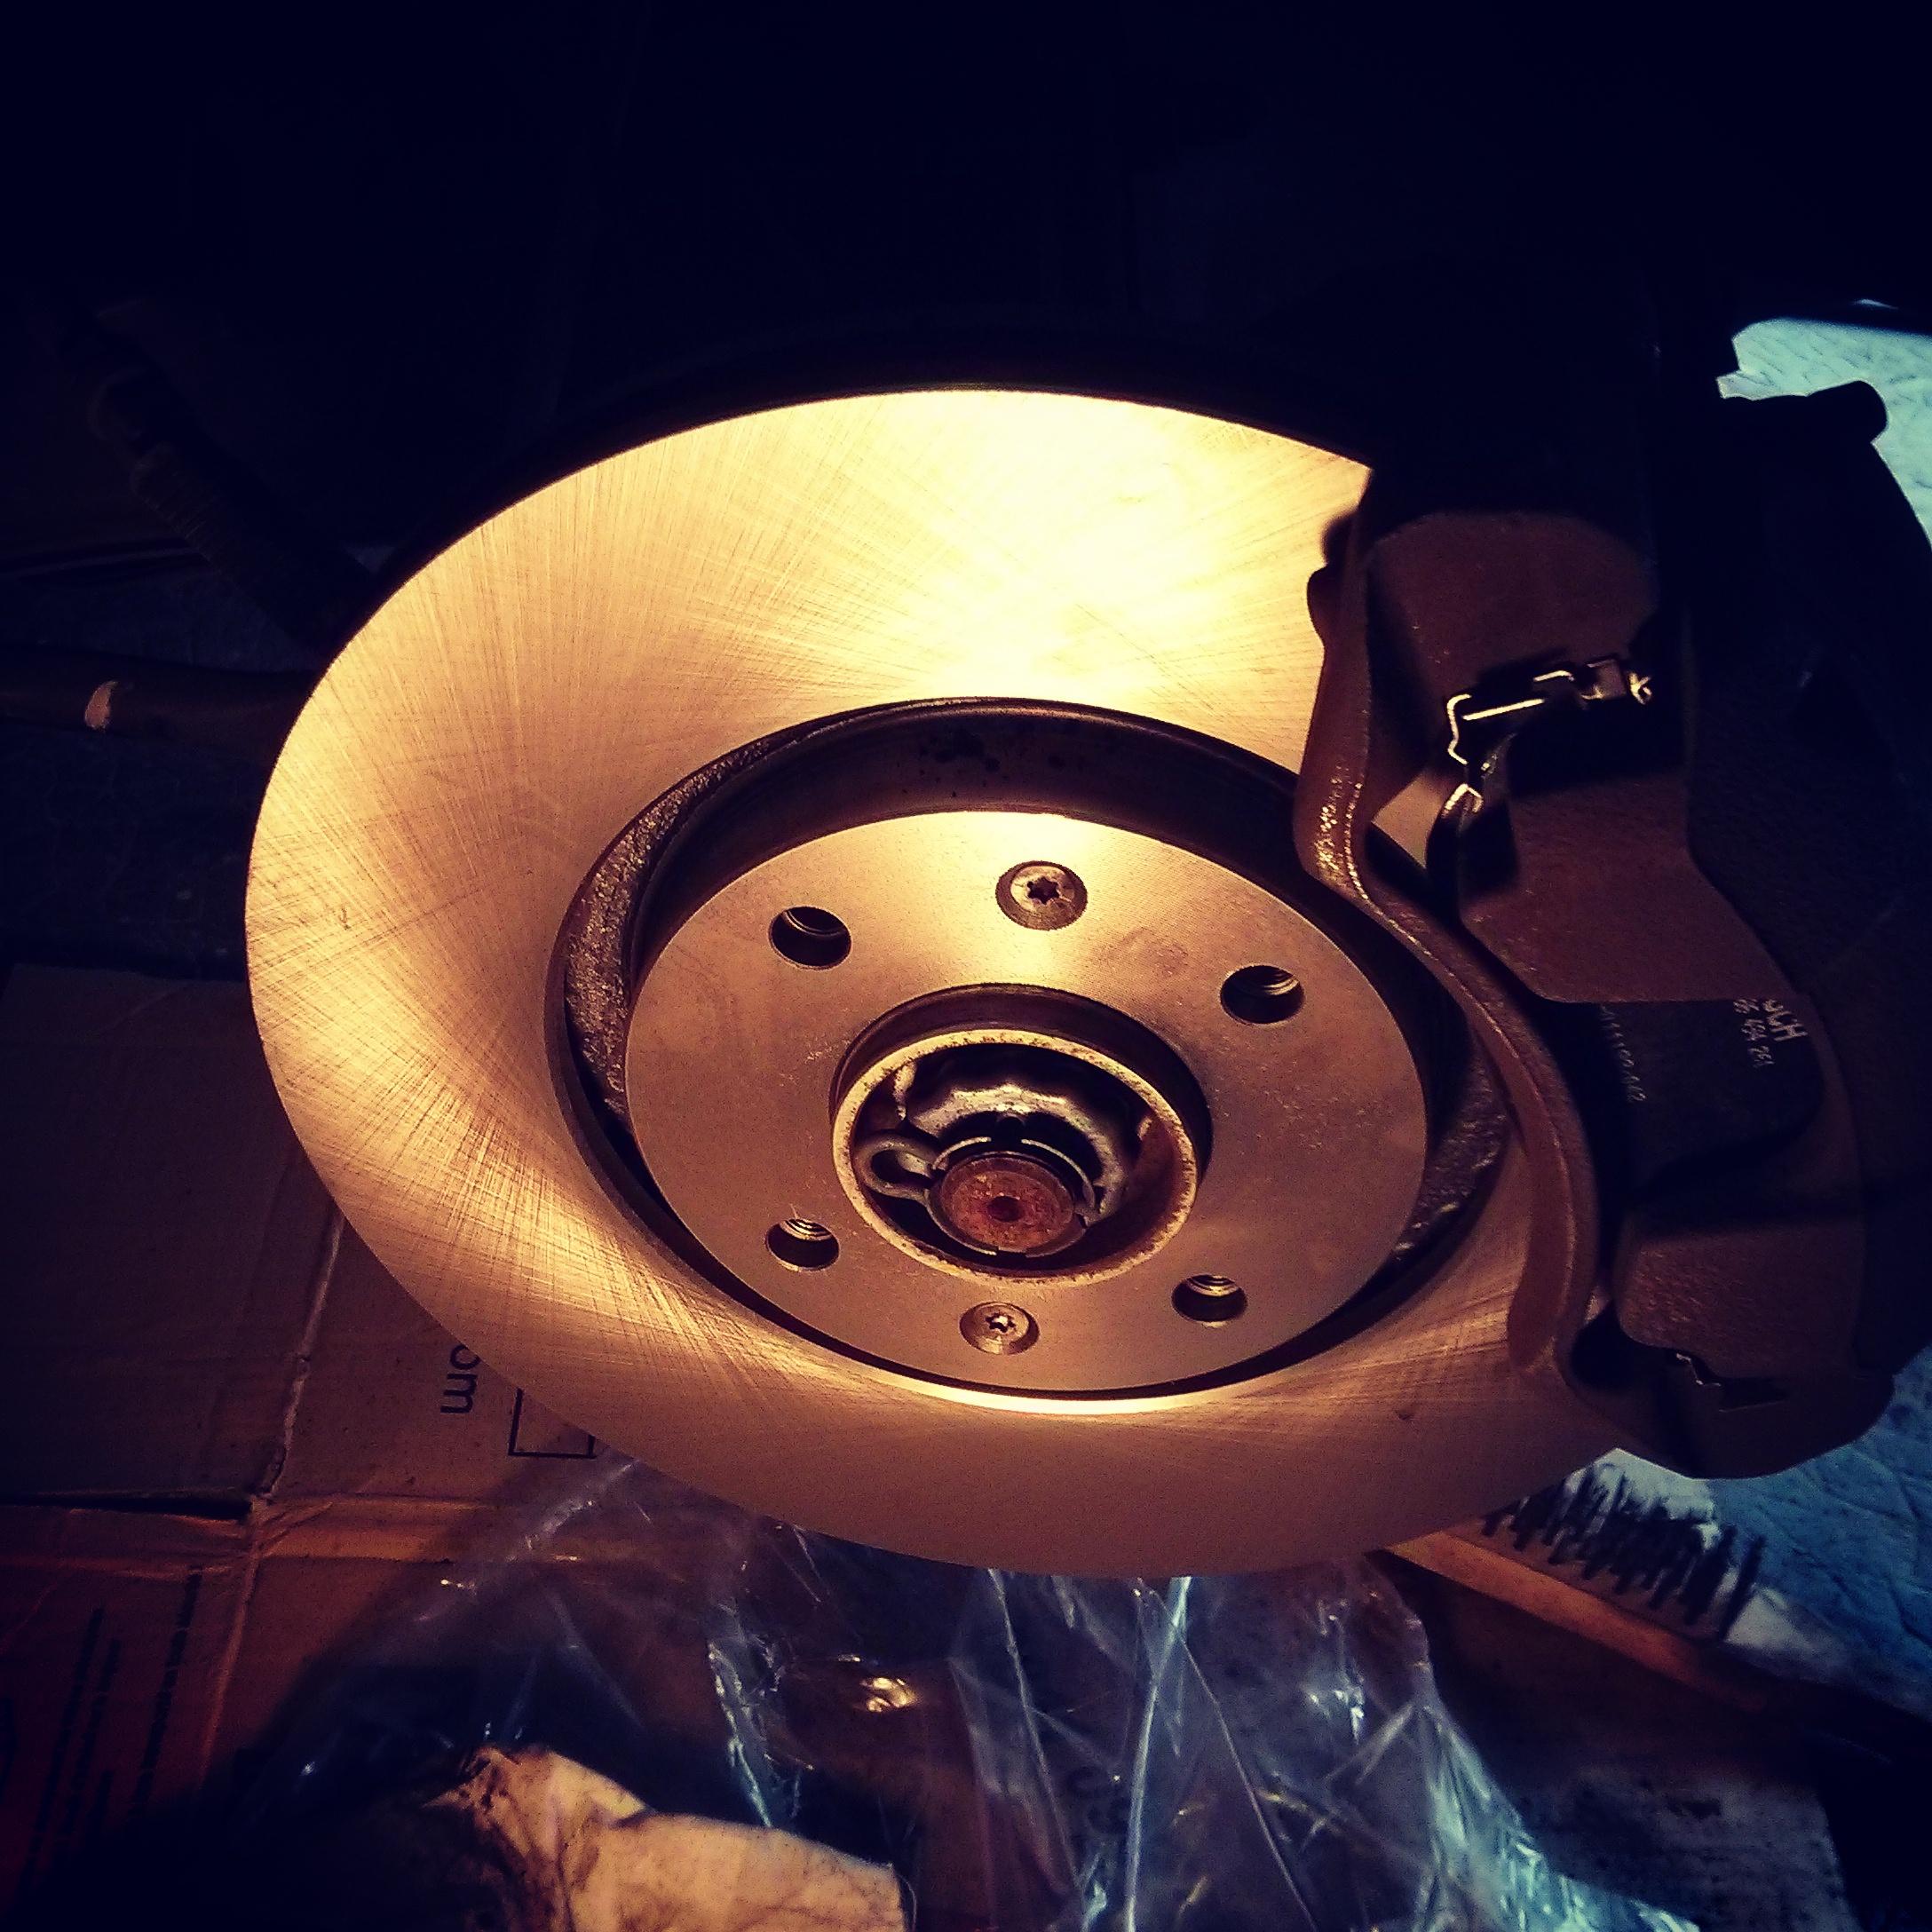 changer ses disques et plaquettes de frein av sur une peugeot 308 sw equinoxefr. Black Bedroom Furniture Sets. Home Design Ideas